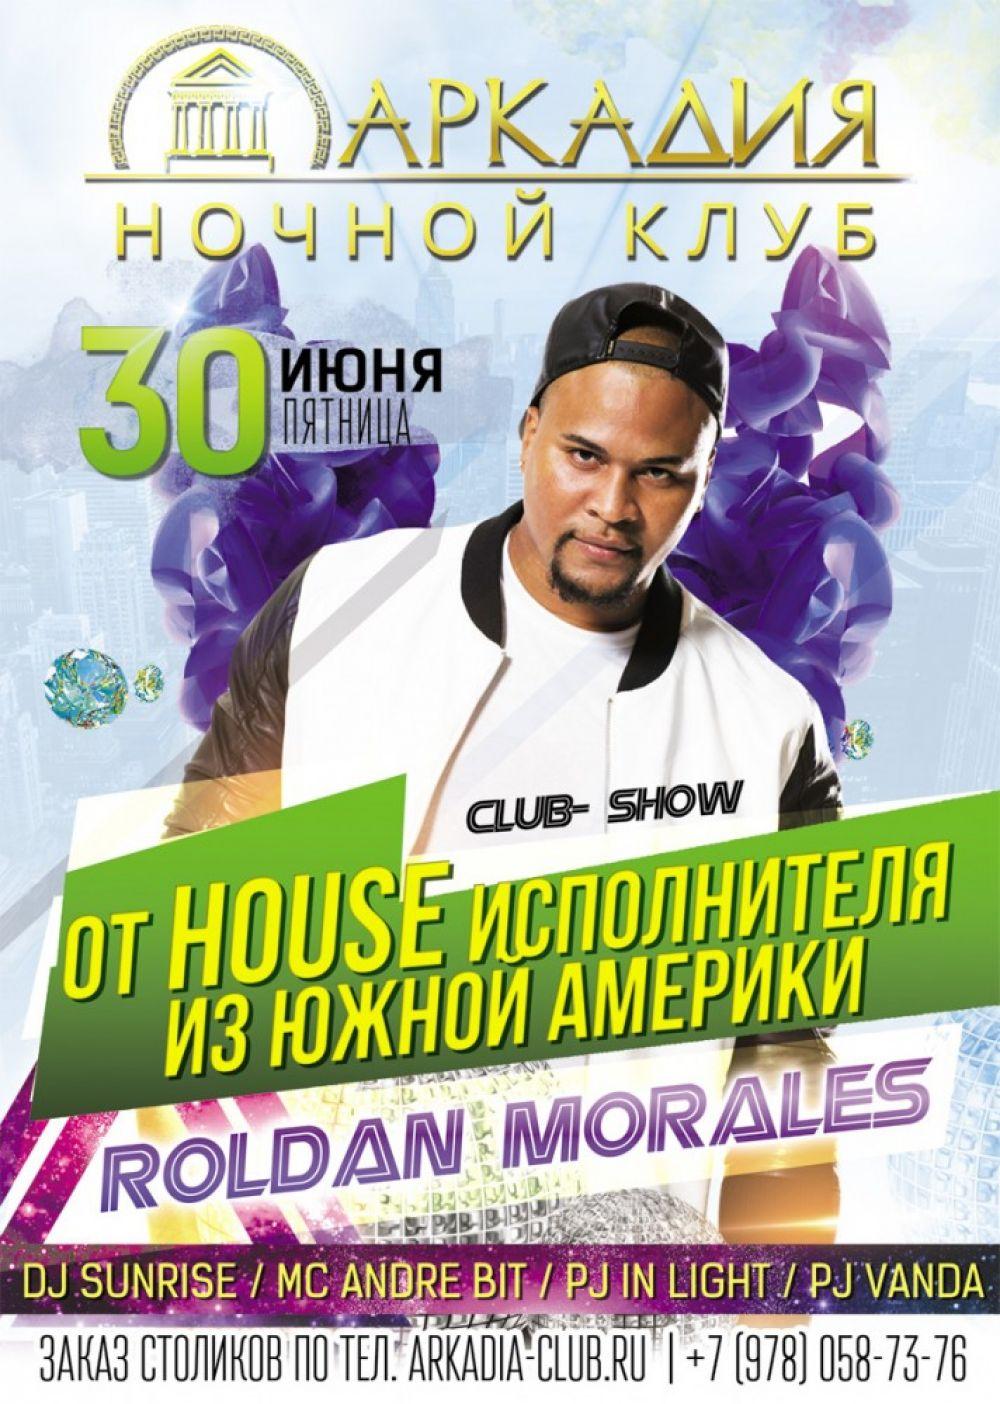 30 июня  в  ночном  клубе  «Аркадия»  club- show от Roldana  Moralesa.